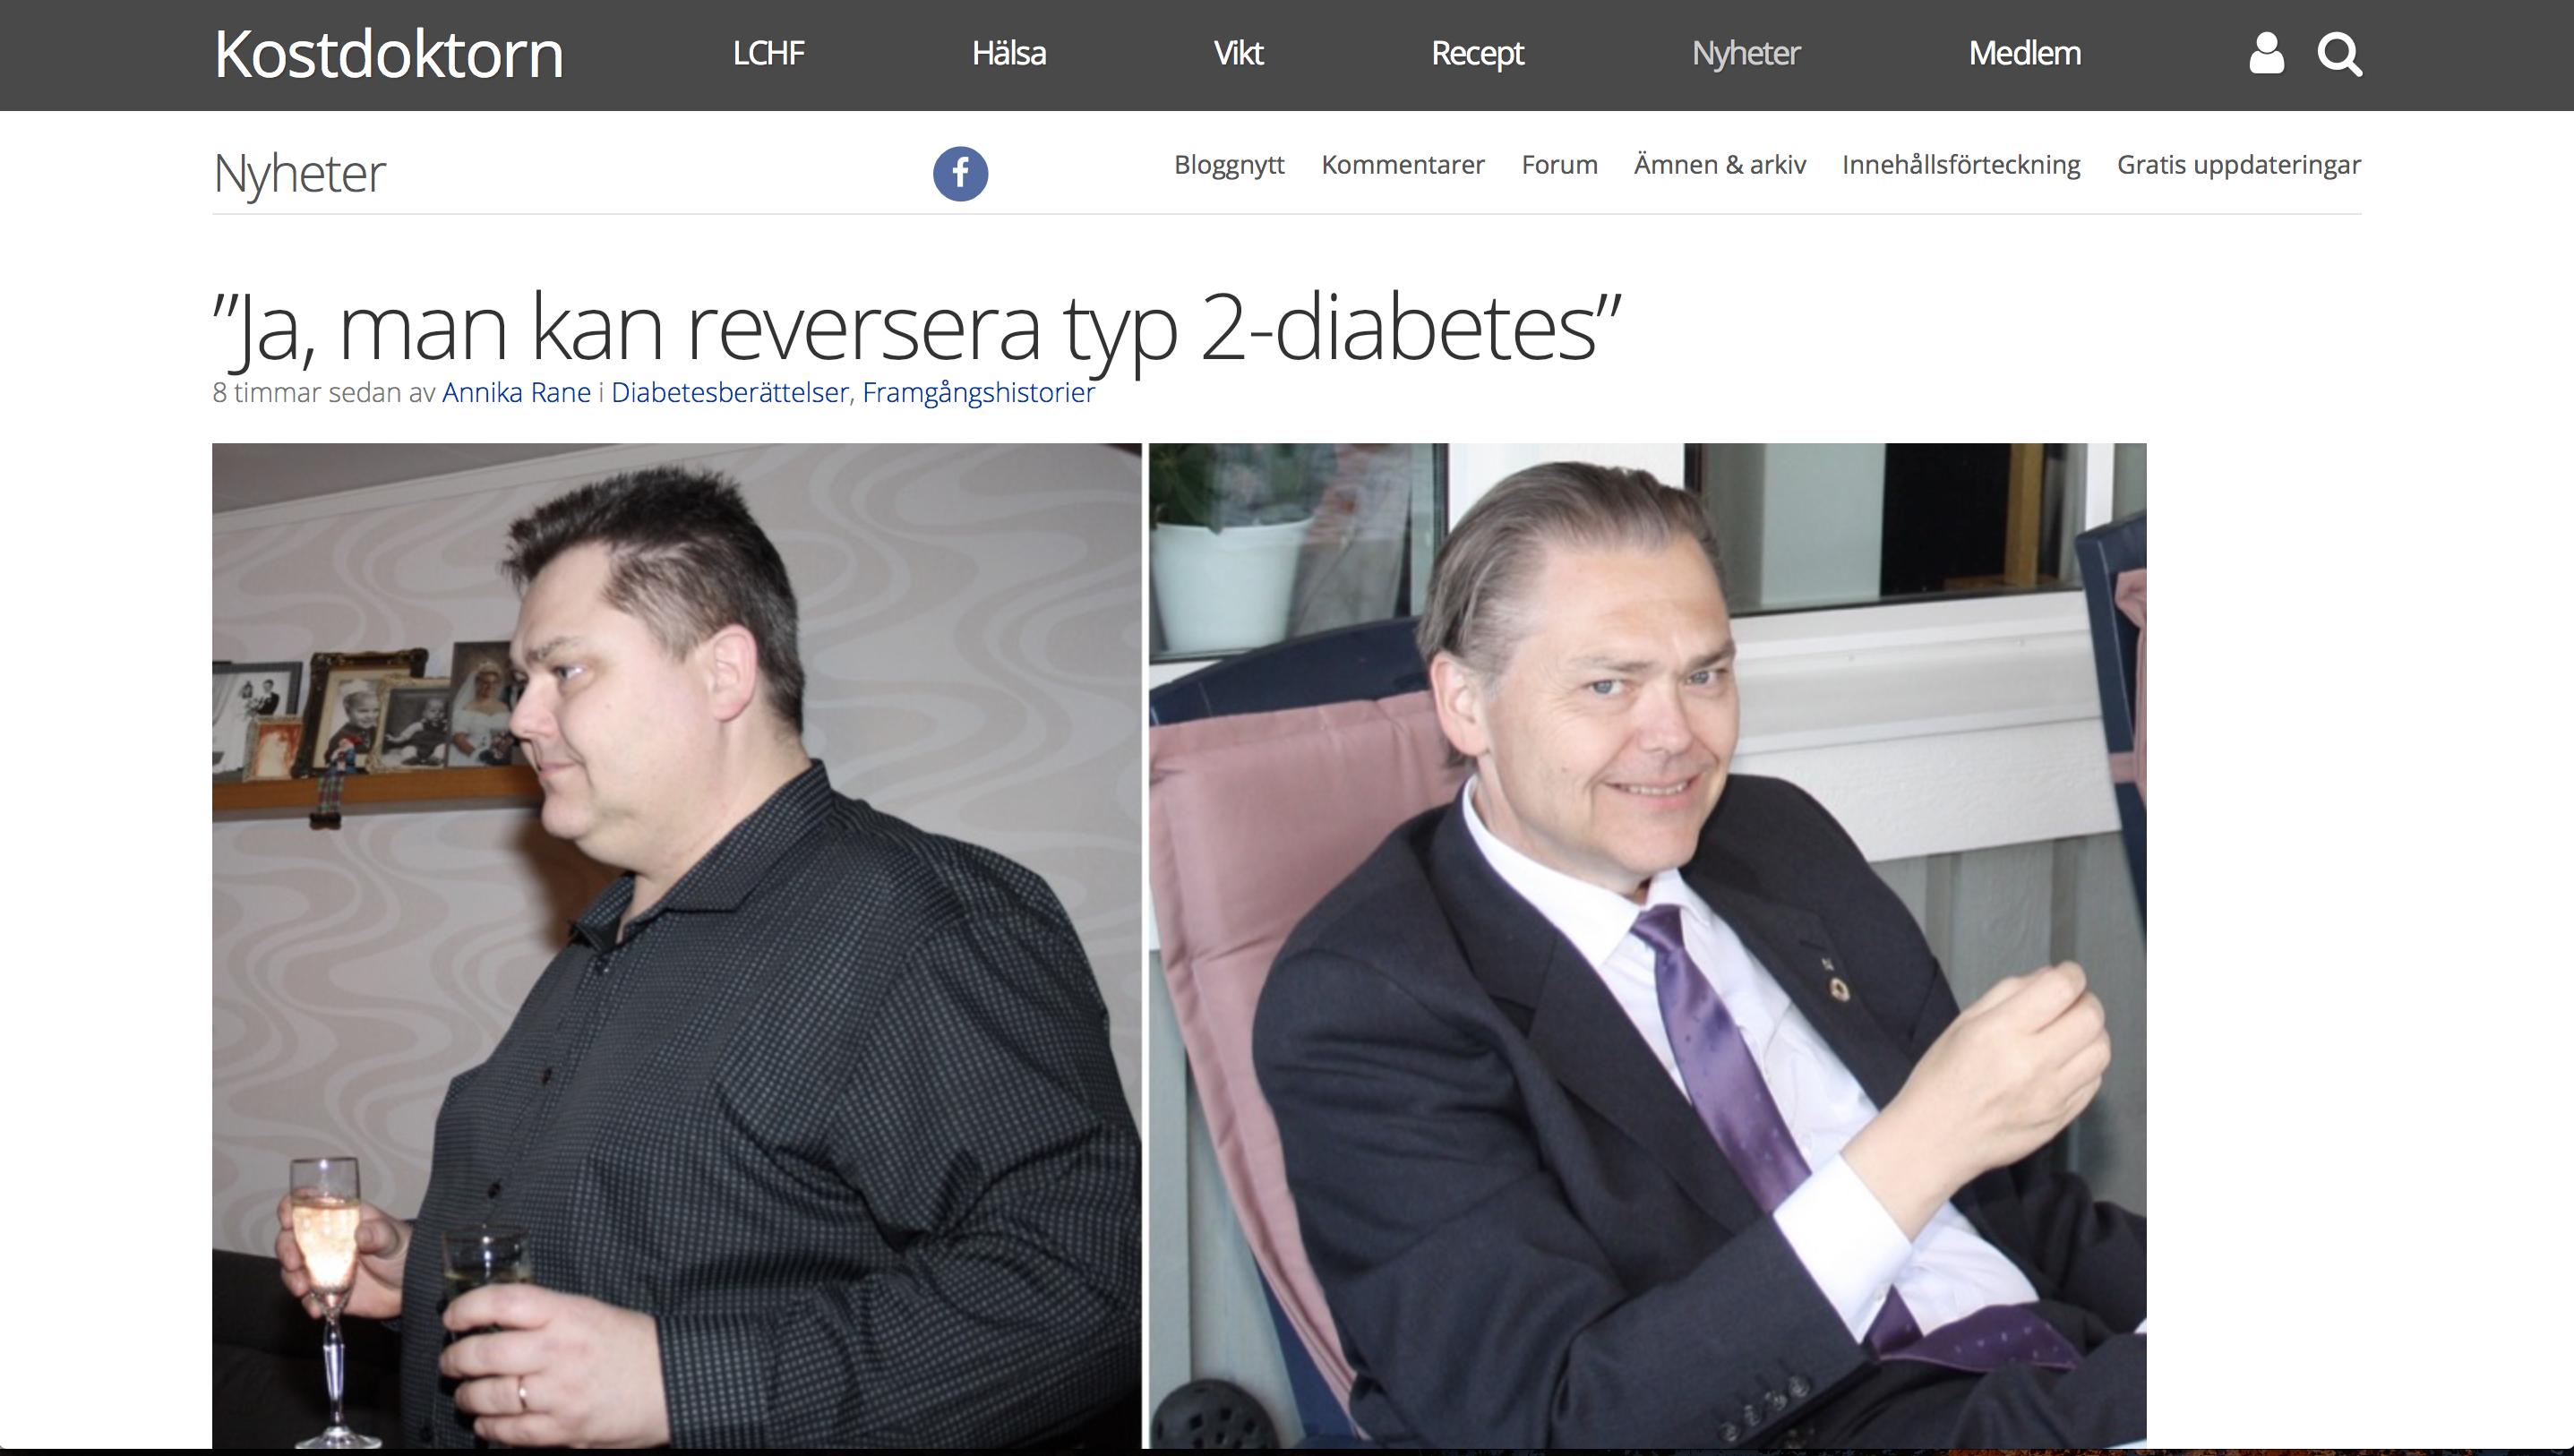 Min hälsoresa har uppmärksammats hos Kostdoktorn.se